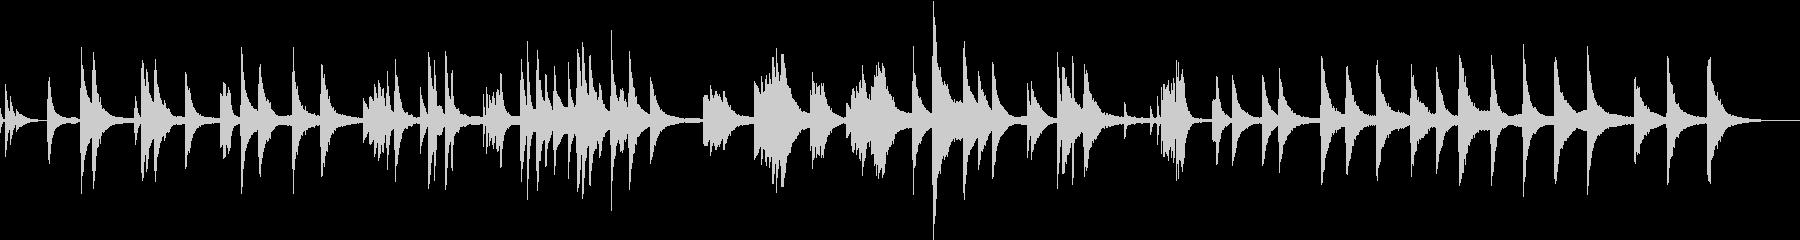 ジャズ・現代音楽的な無調のピアノソロ作品の未再生の波形